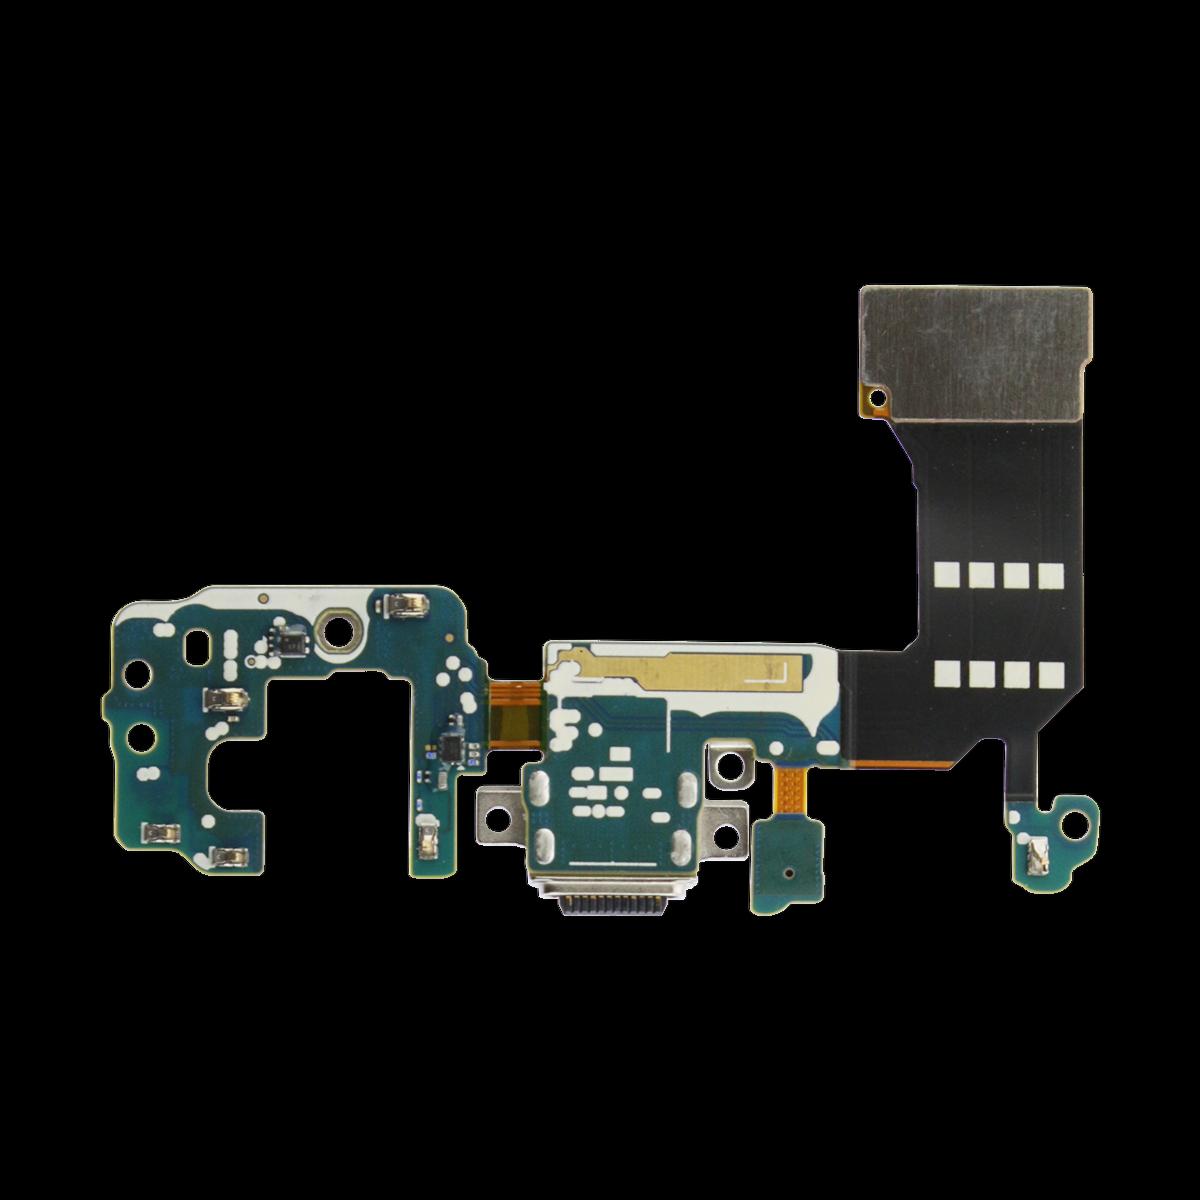 NAPPE CONNECTEUR DE CHARGE Outils MICRO pour SAMSUNG GALAXY S6 et G920F OutilsNAPPE CONNECTEUR DE CHARGE MICRO pour SAMSUNG GALAXY S6 et G920F